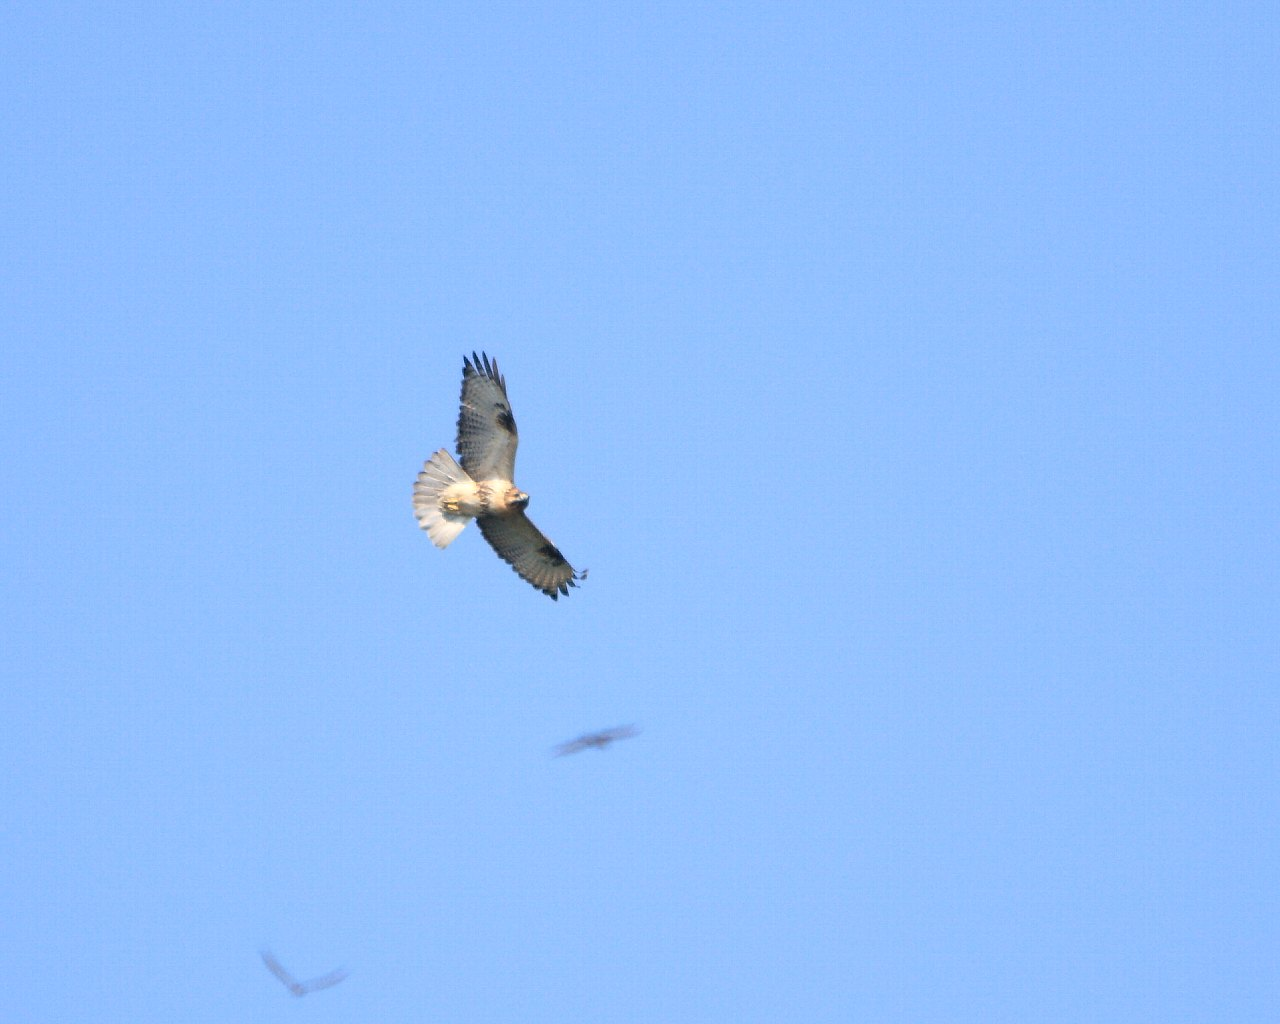 伊良湖遠征報告4: チョウゲンボウ、ハヤブサ、ノスリ、トビ_f0105570_21173025.jpg